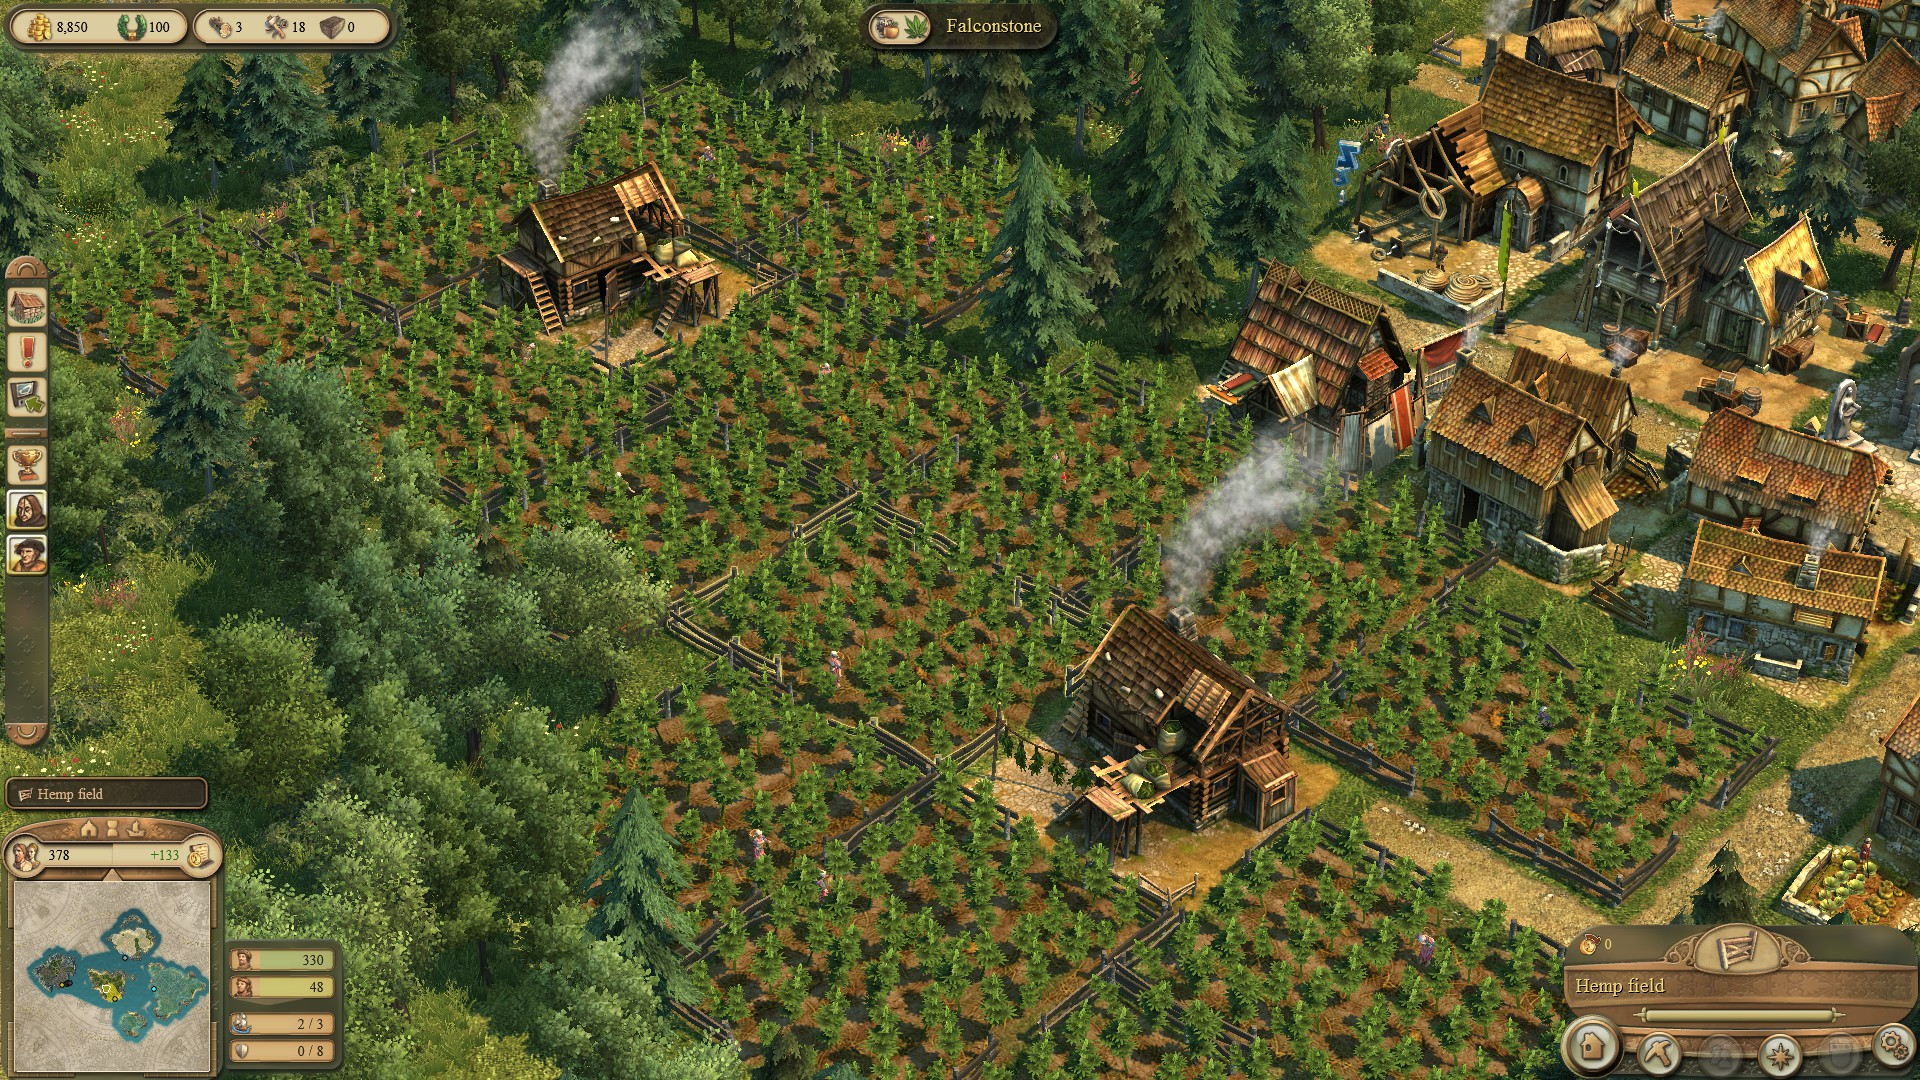 anno 1800 game wallpaper 67411